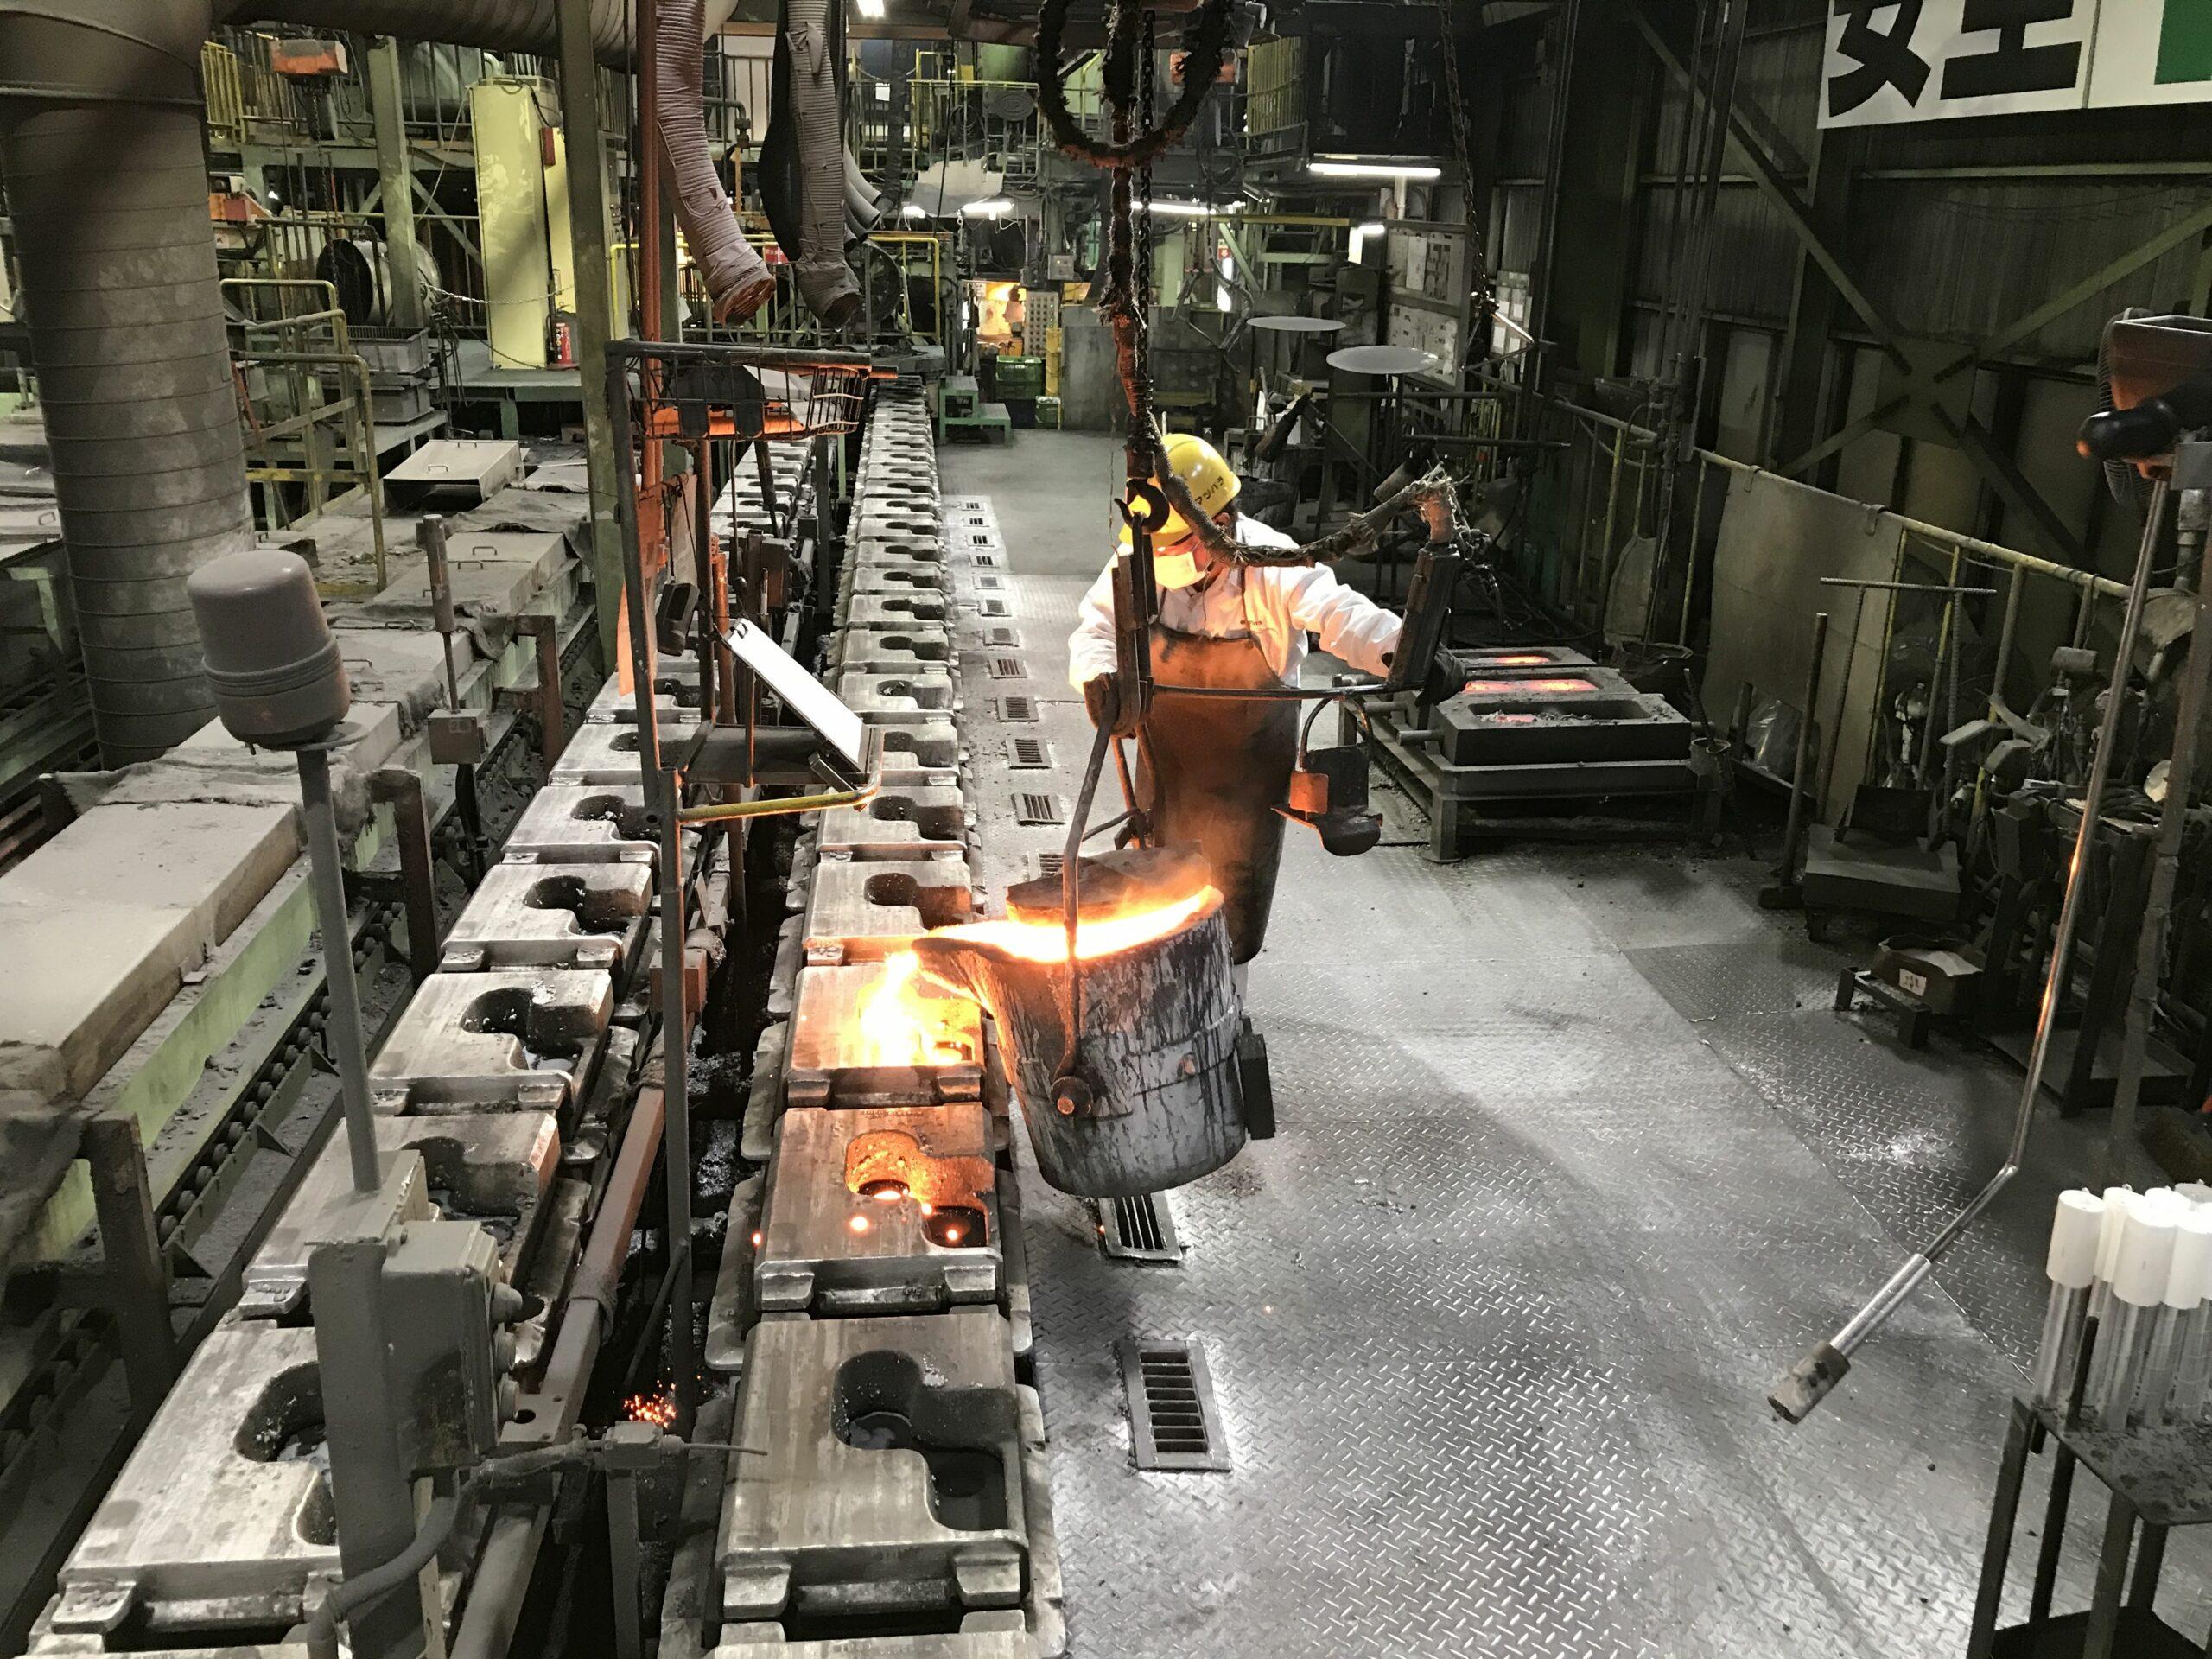 粉塵と火花の舞い散る鋳造工場